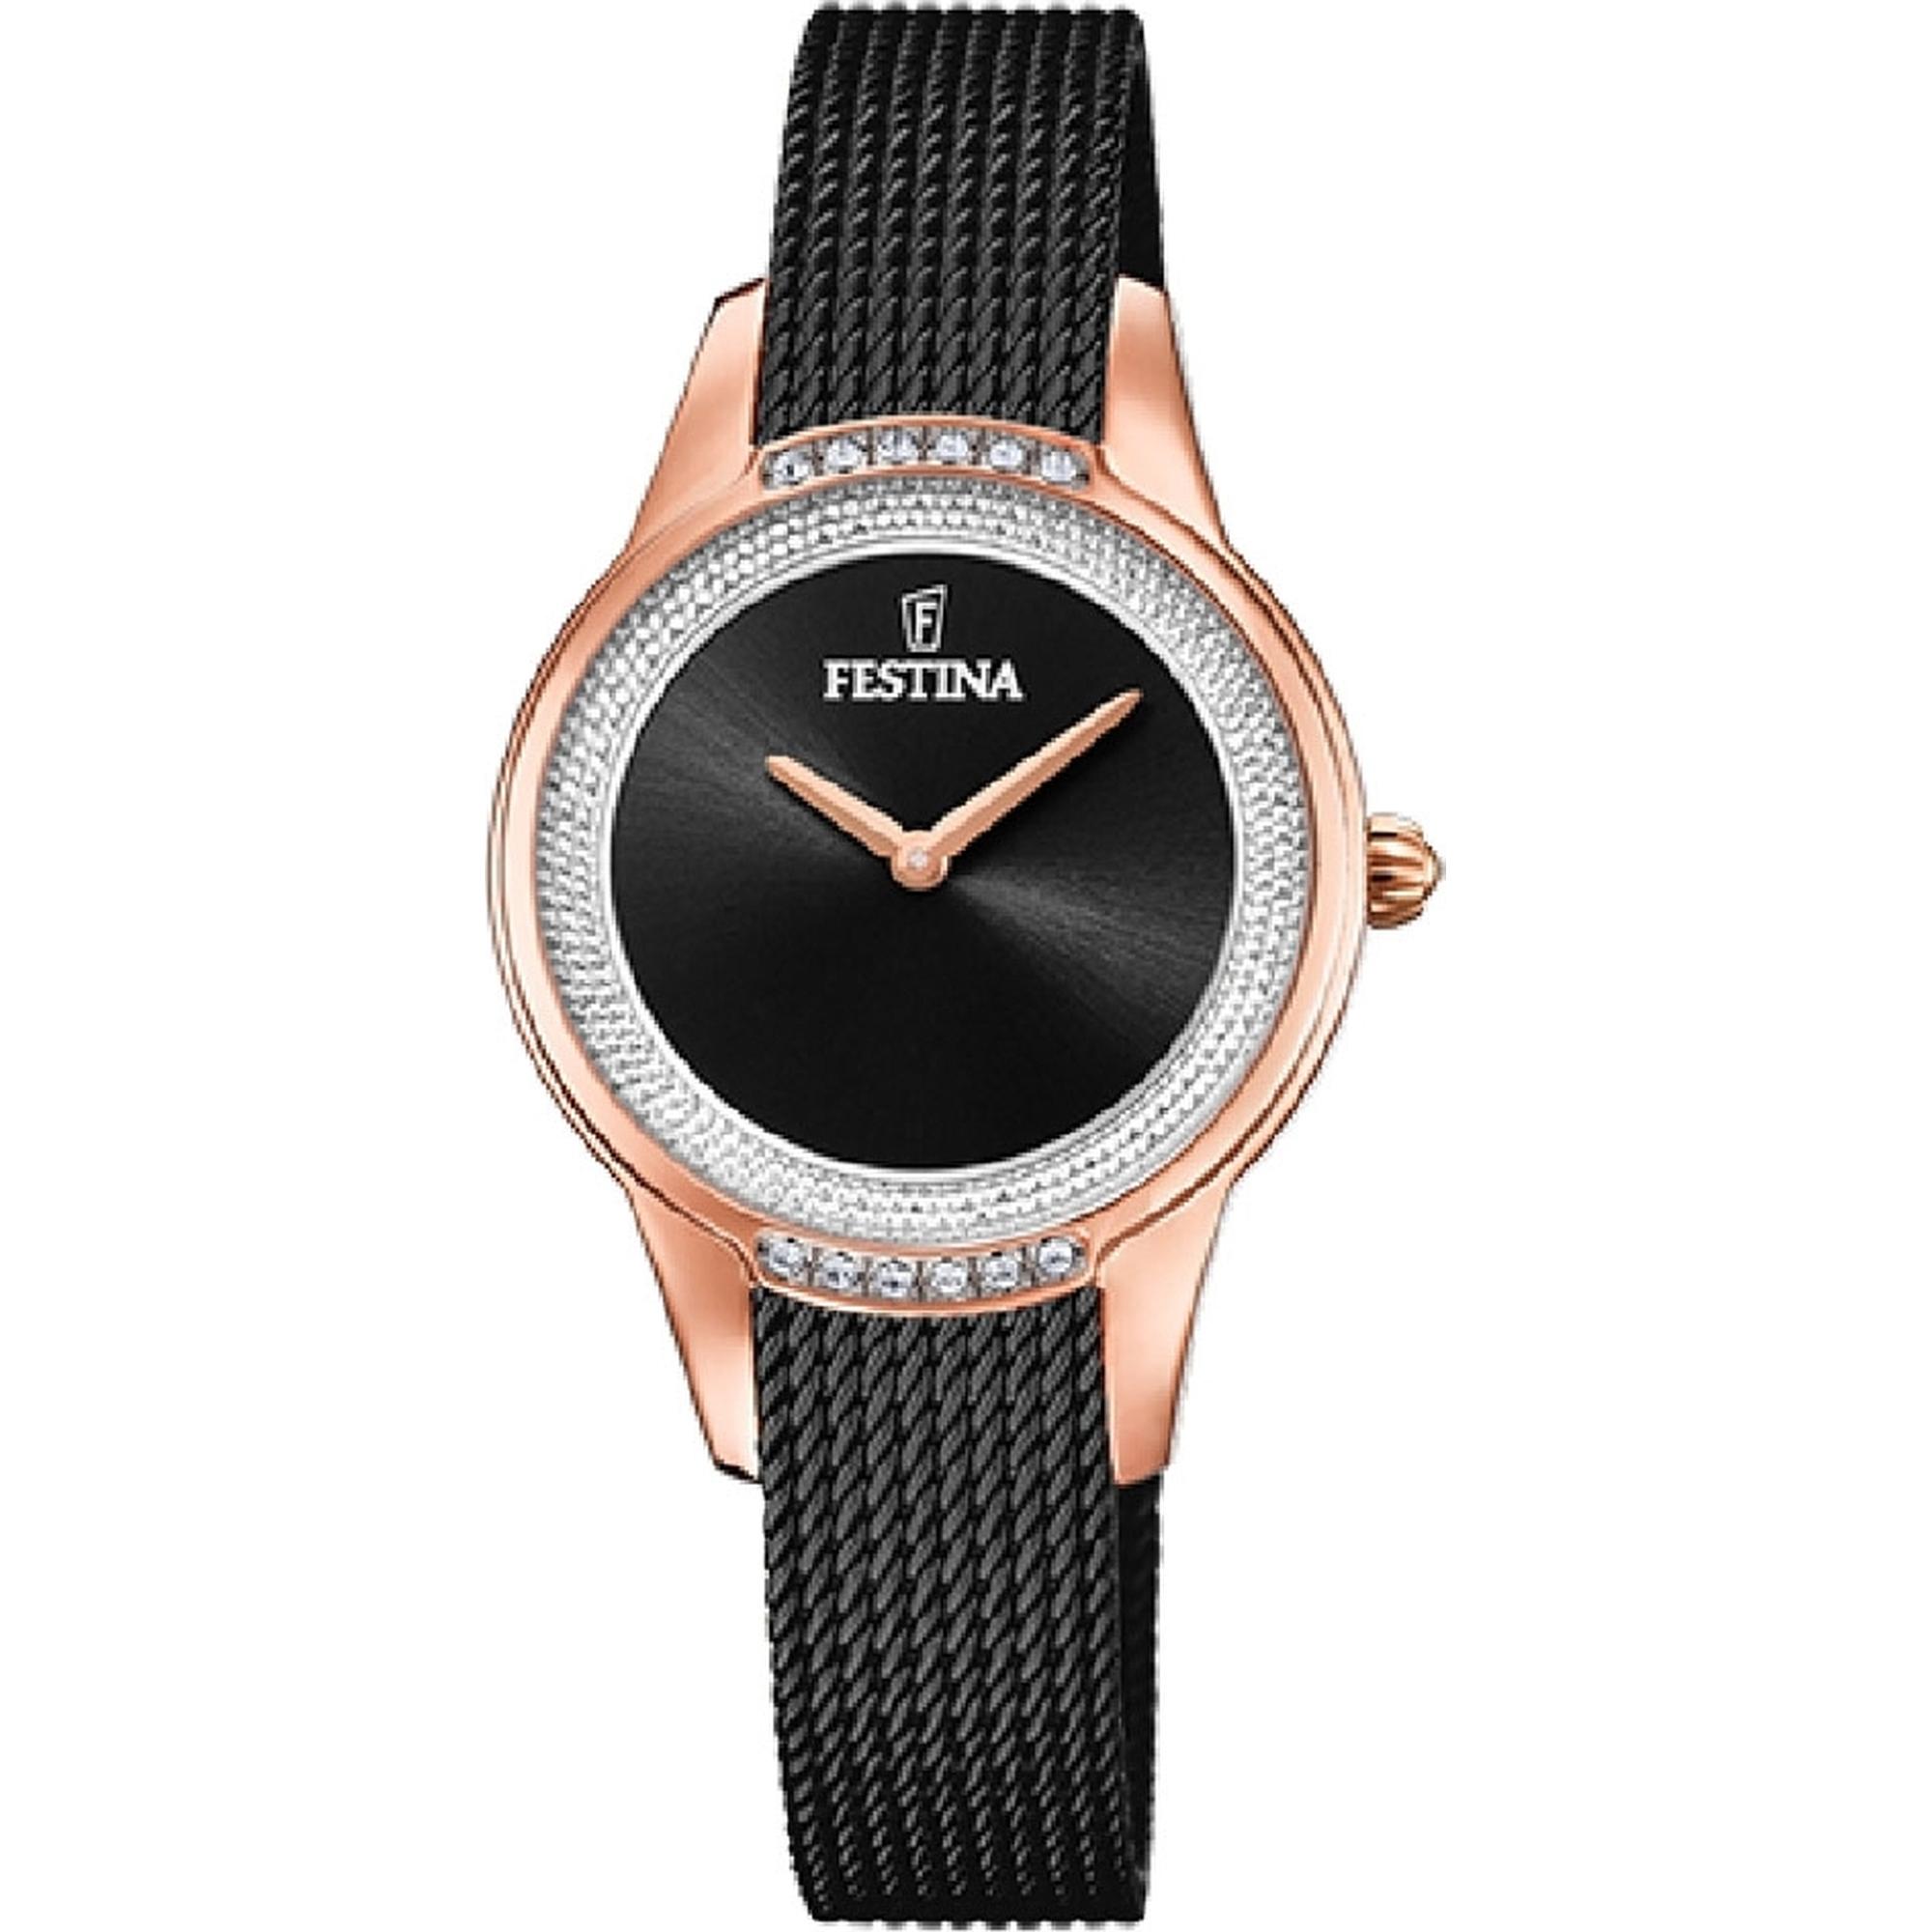 Ρολόι Festina με Μαύρο Μπρασελέ F20496/2 + Δώρο Βραχιόλι